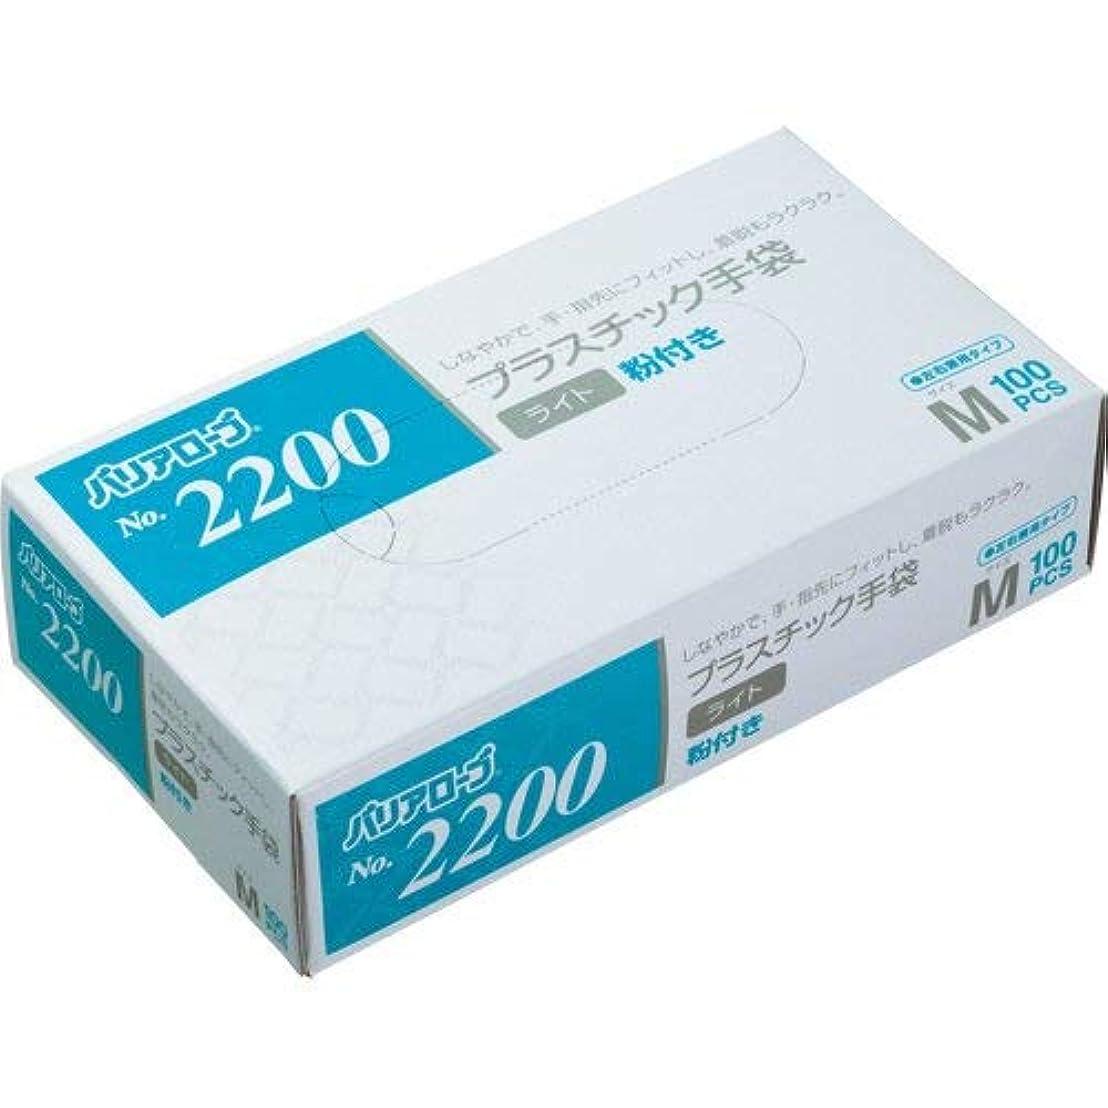 居眠りするテレックス頂点【ケース販売】 バリアローブ №2200 プラスチック手袋 ライト (粉付き) M 2000枚(100枚×20箱)